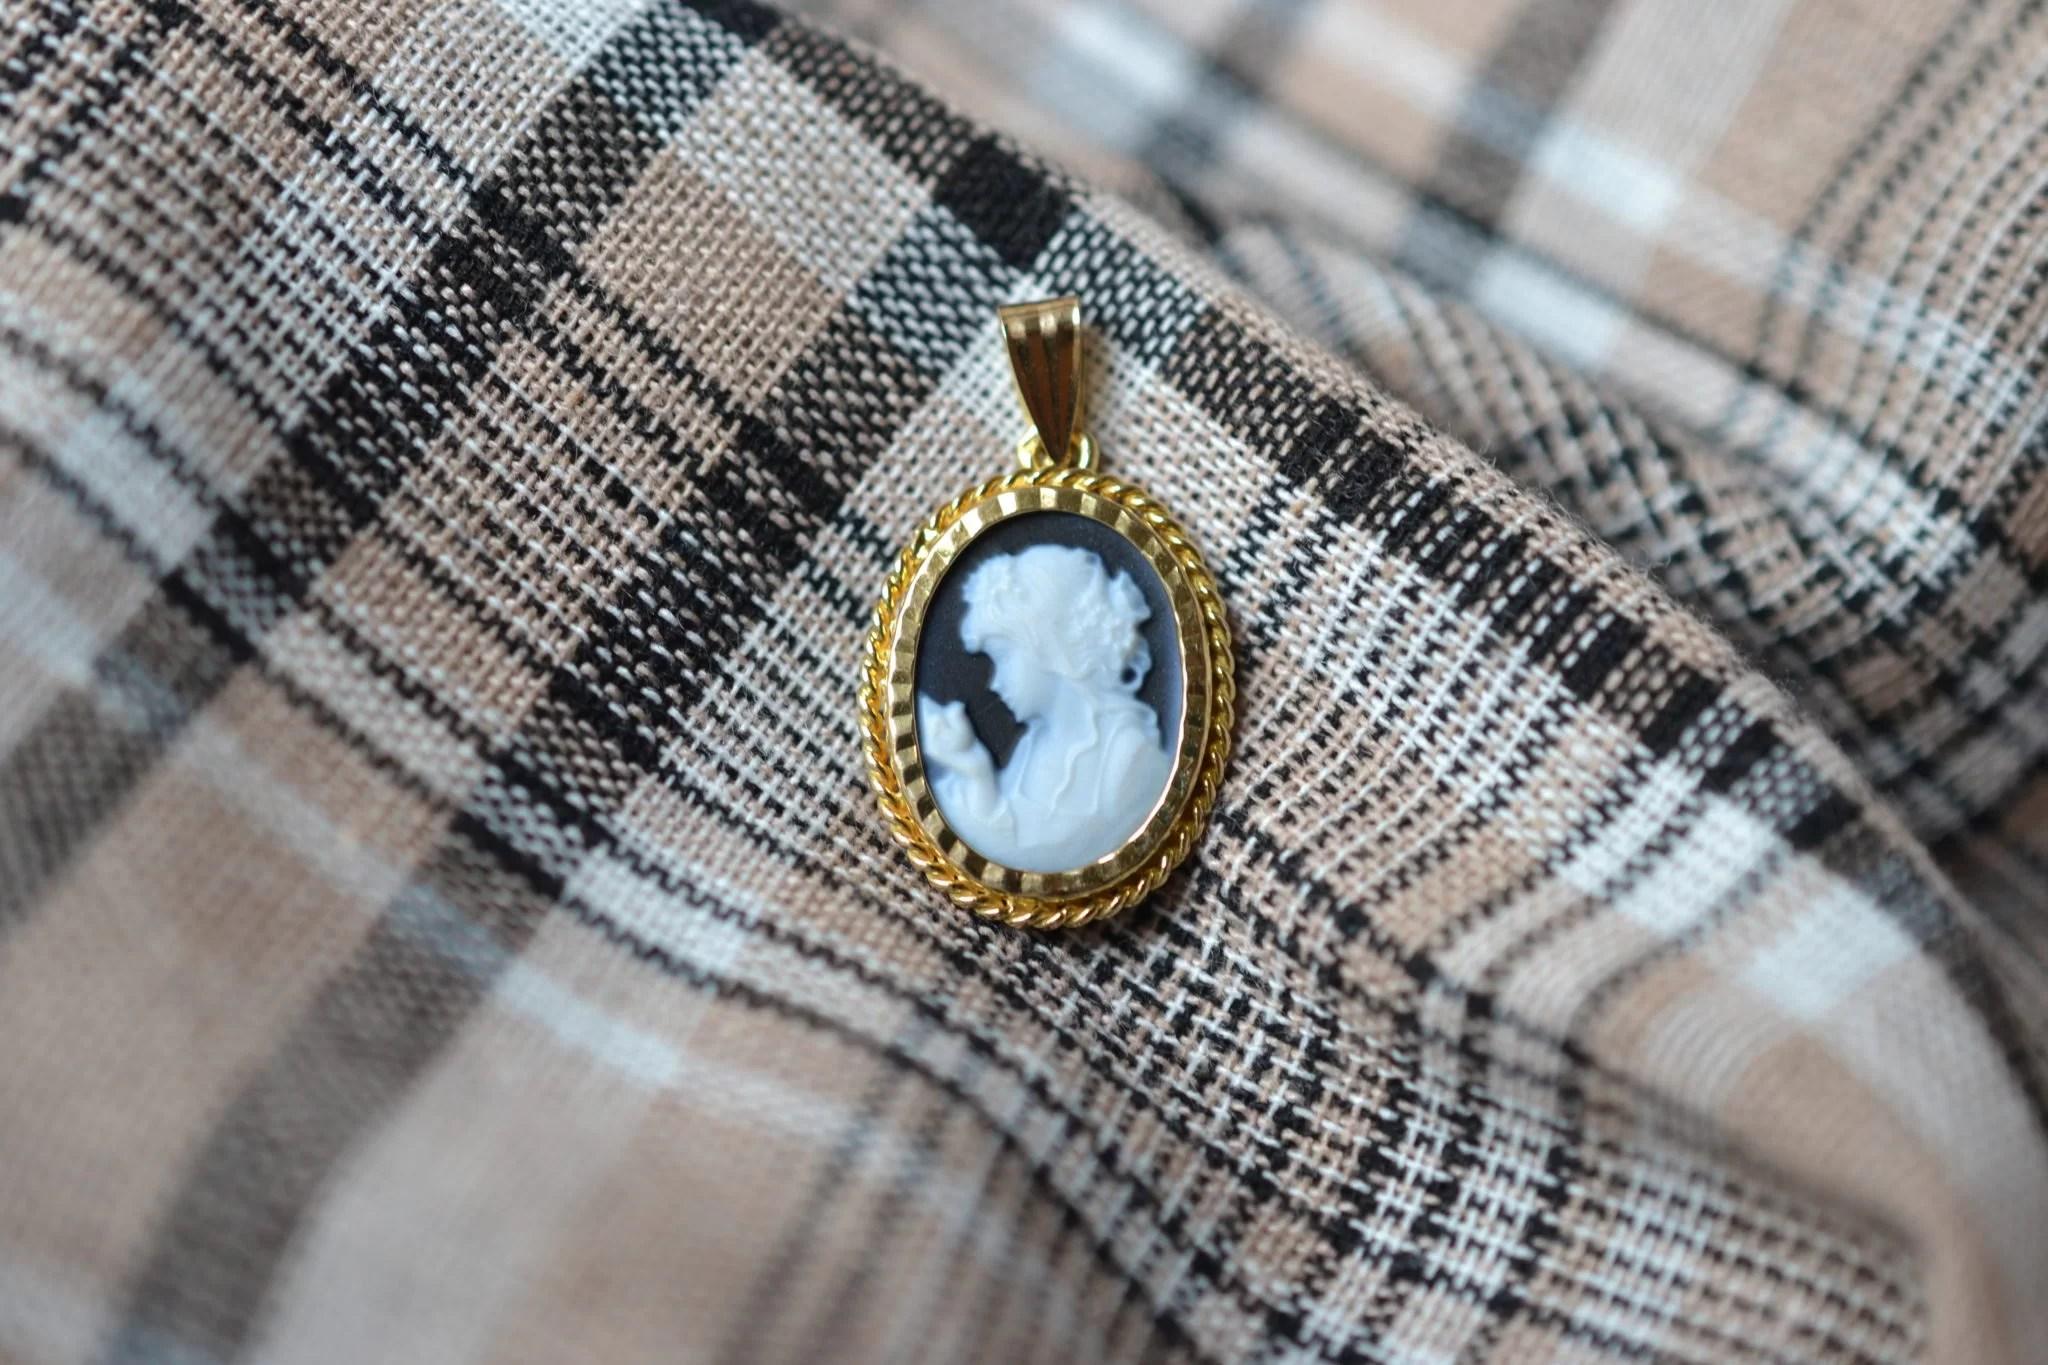 Pendentif en Or jaune serti d_un camée au profil de femme sur une plaque d'Onyx - bijou de seconde main